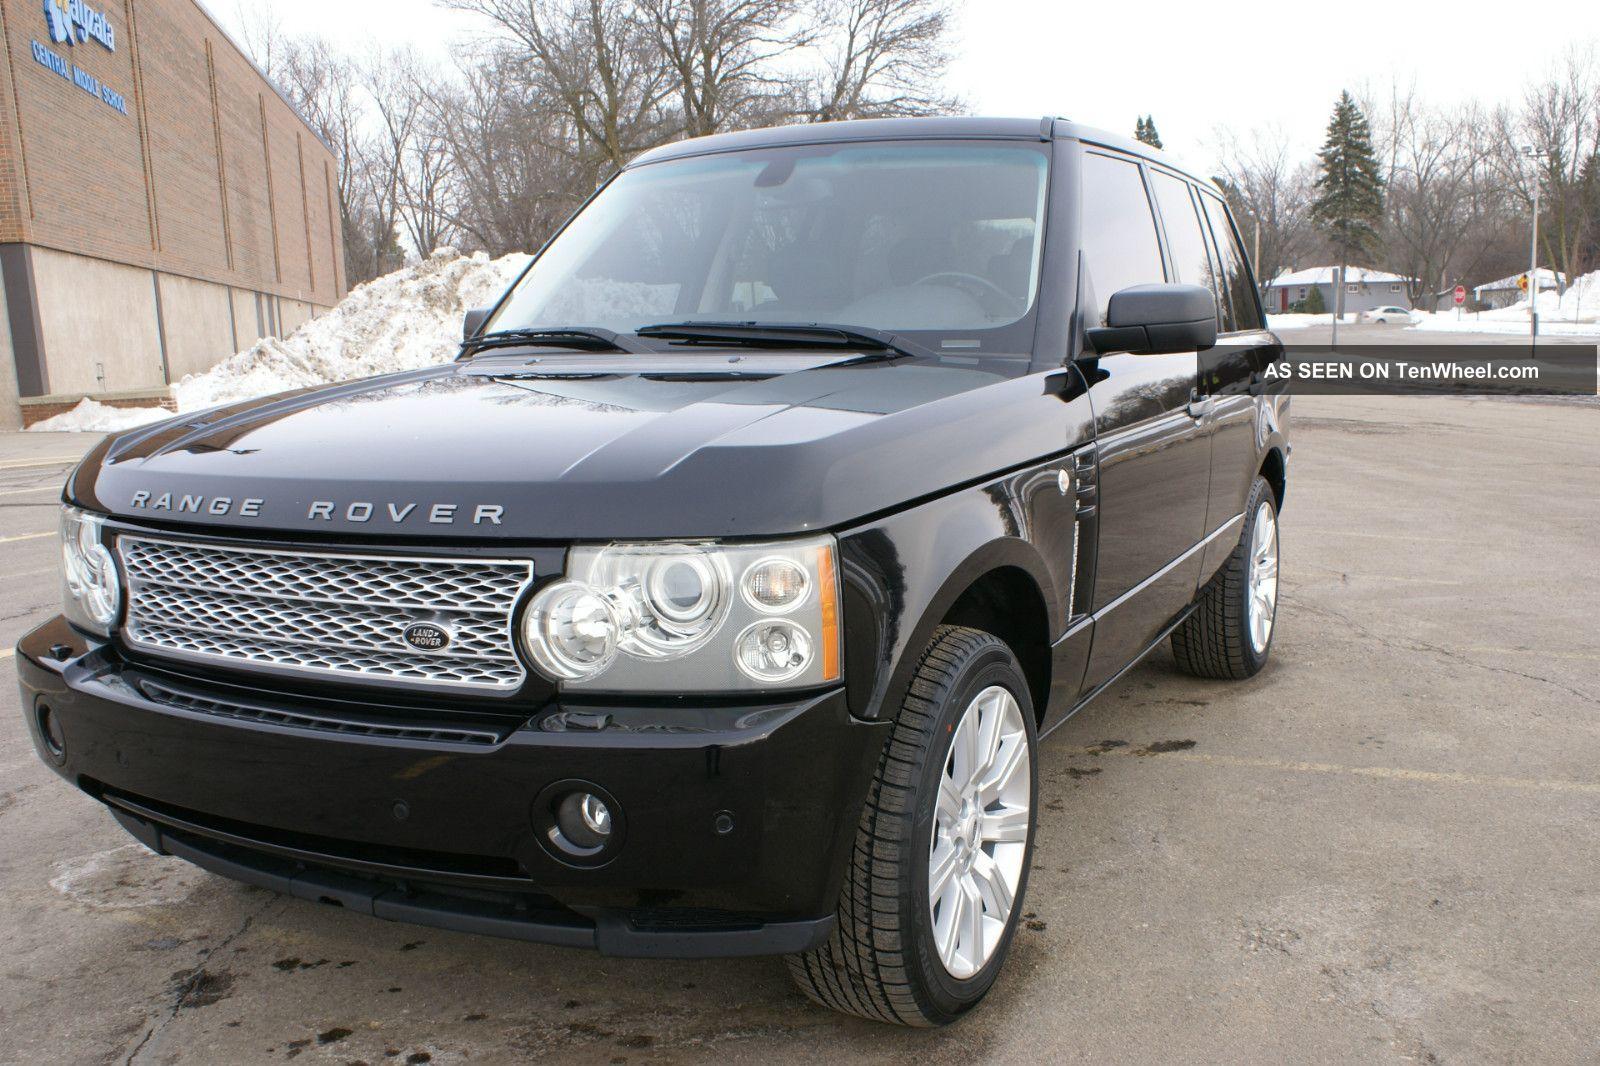 2006 range rover hse. Black Bedroom Furniture Sets. Home Design Ideas